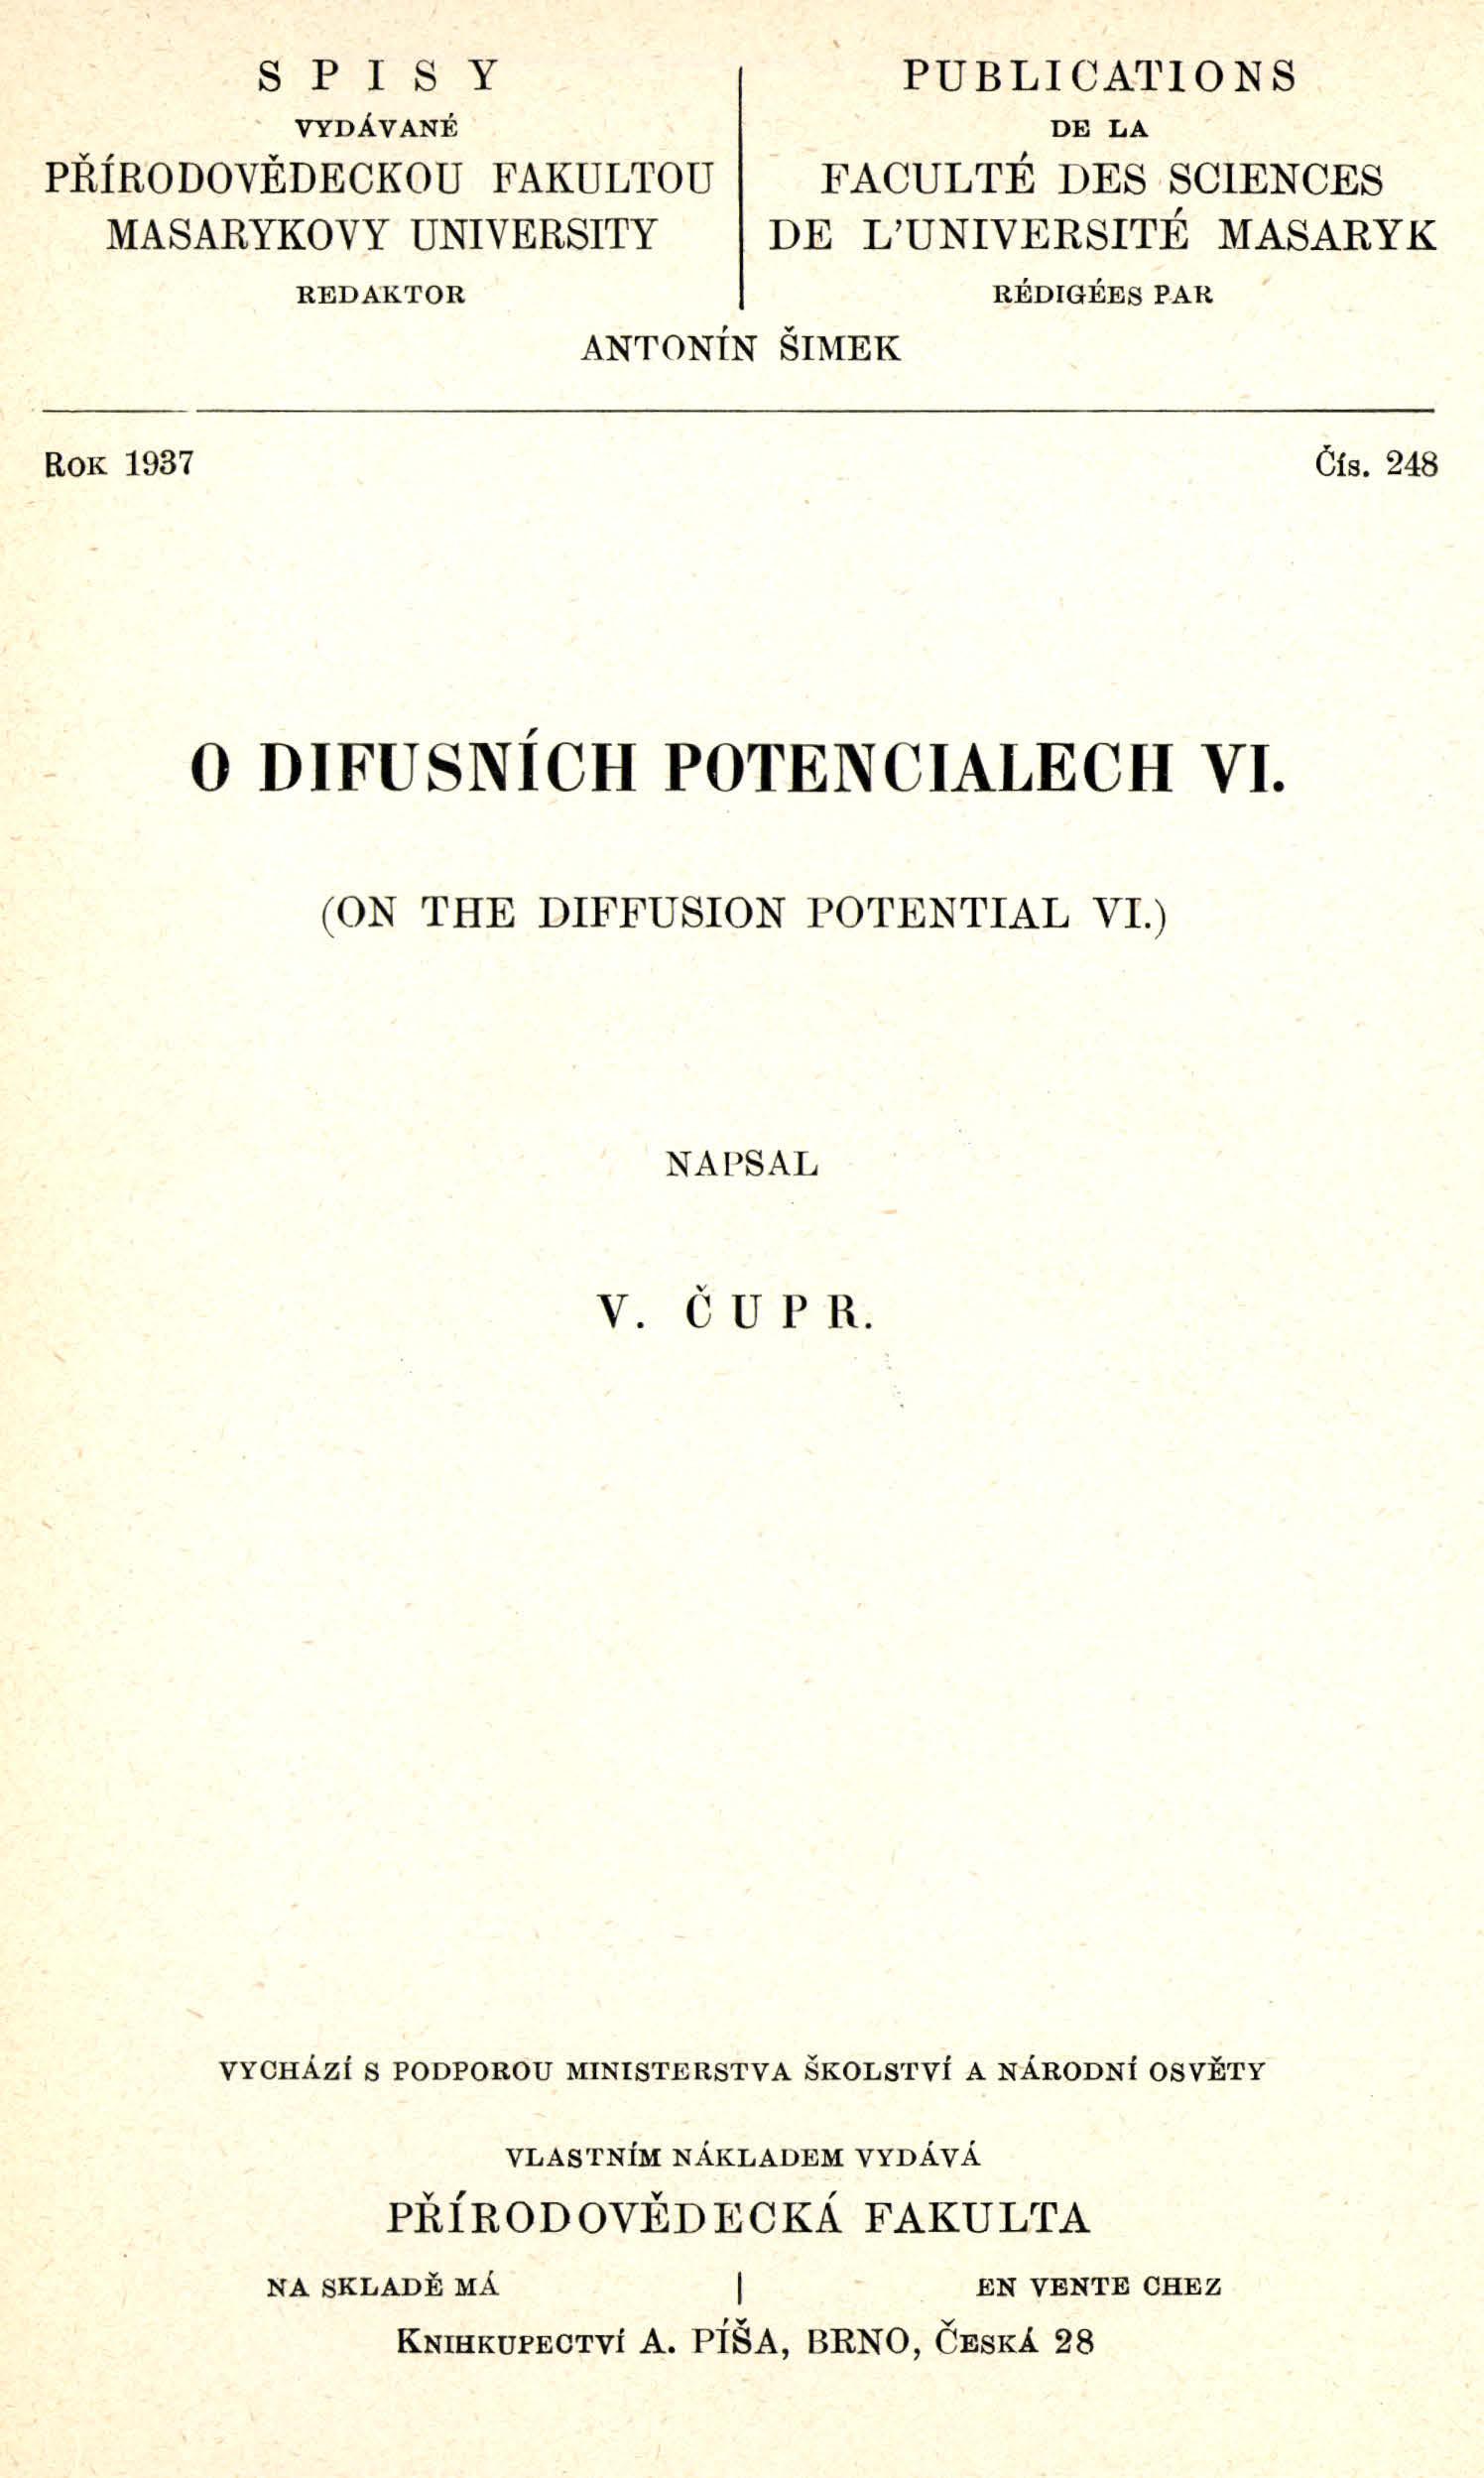 Obálka pro O difusních potenciálech VI.